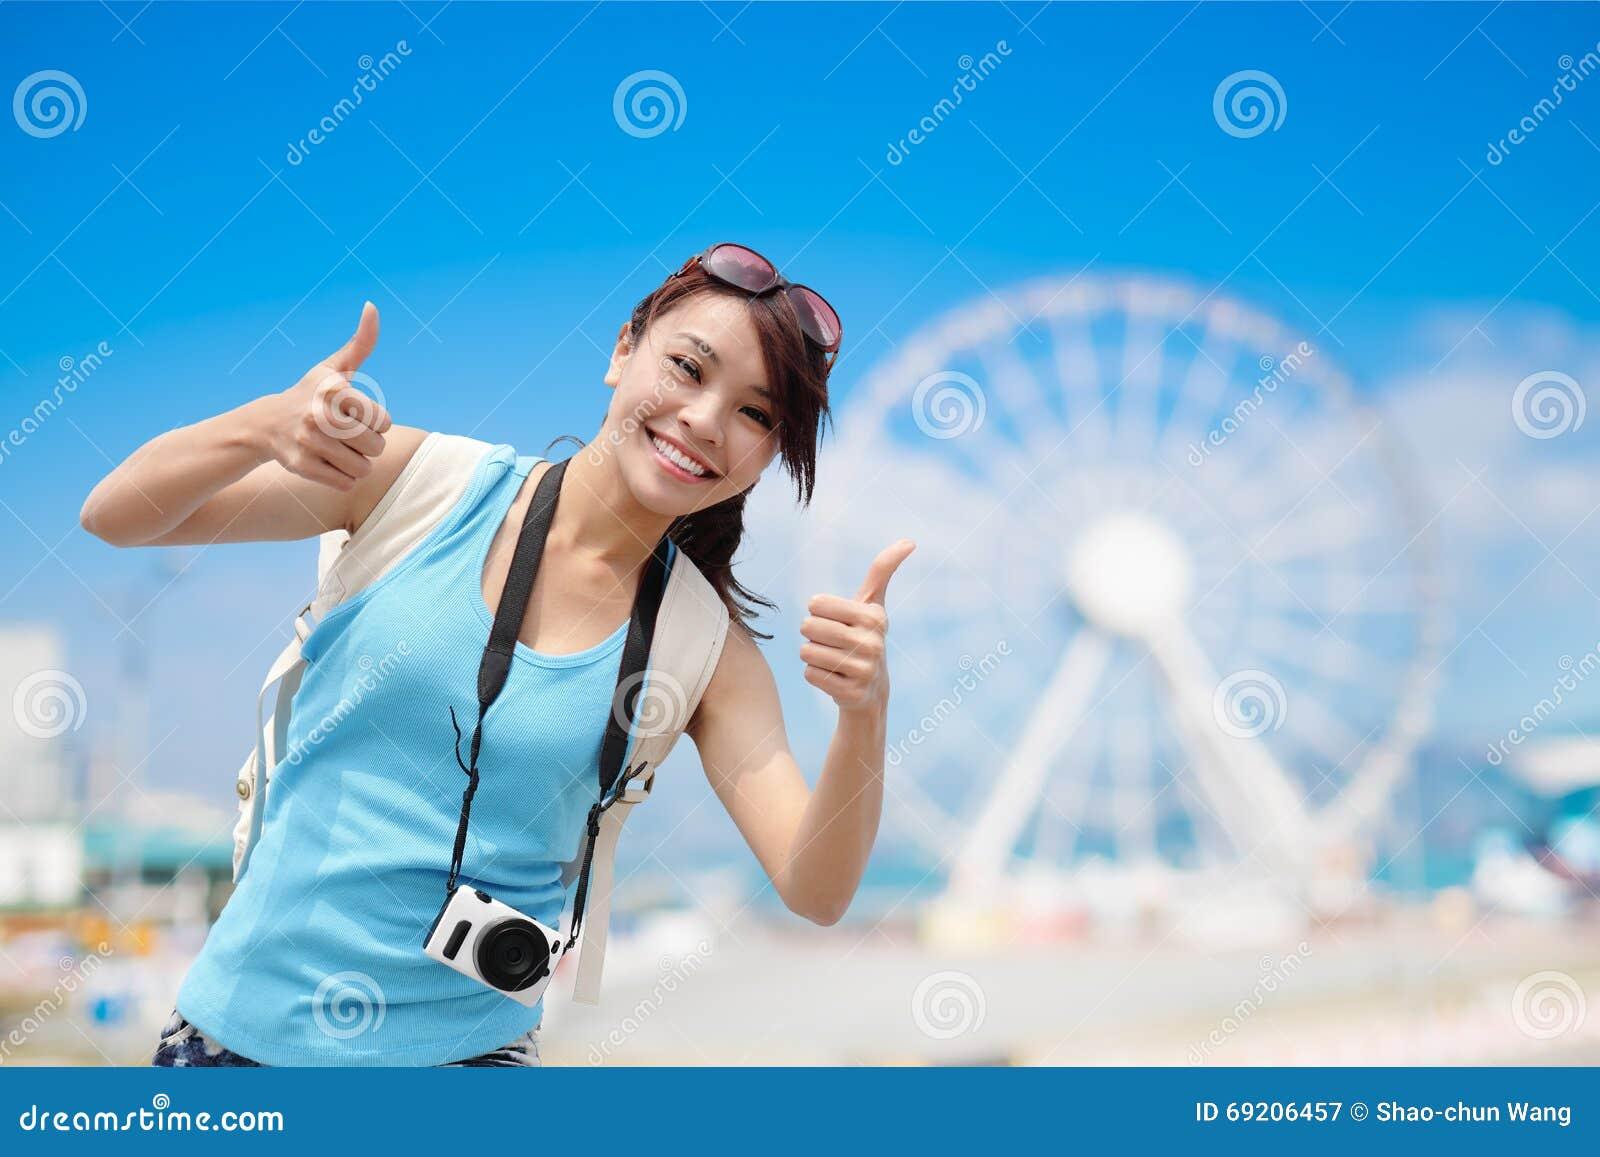 Happy woman travel